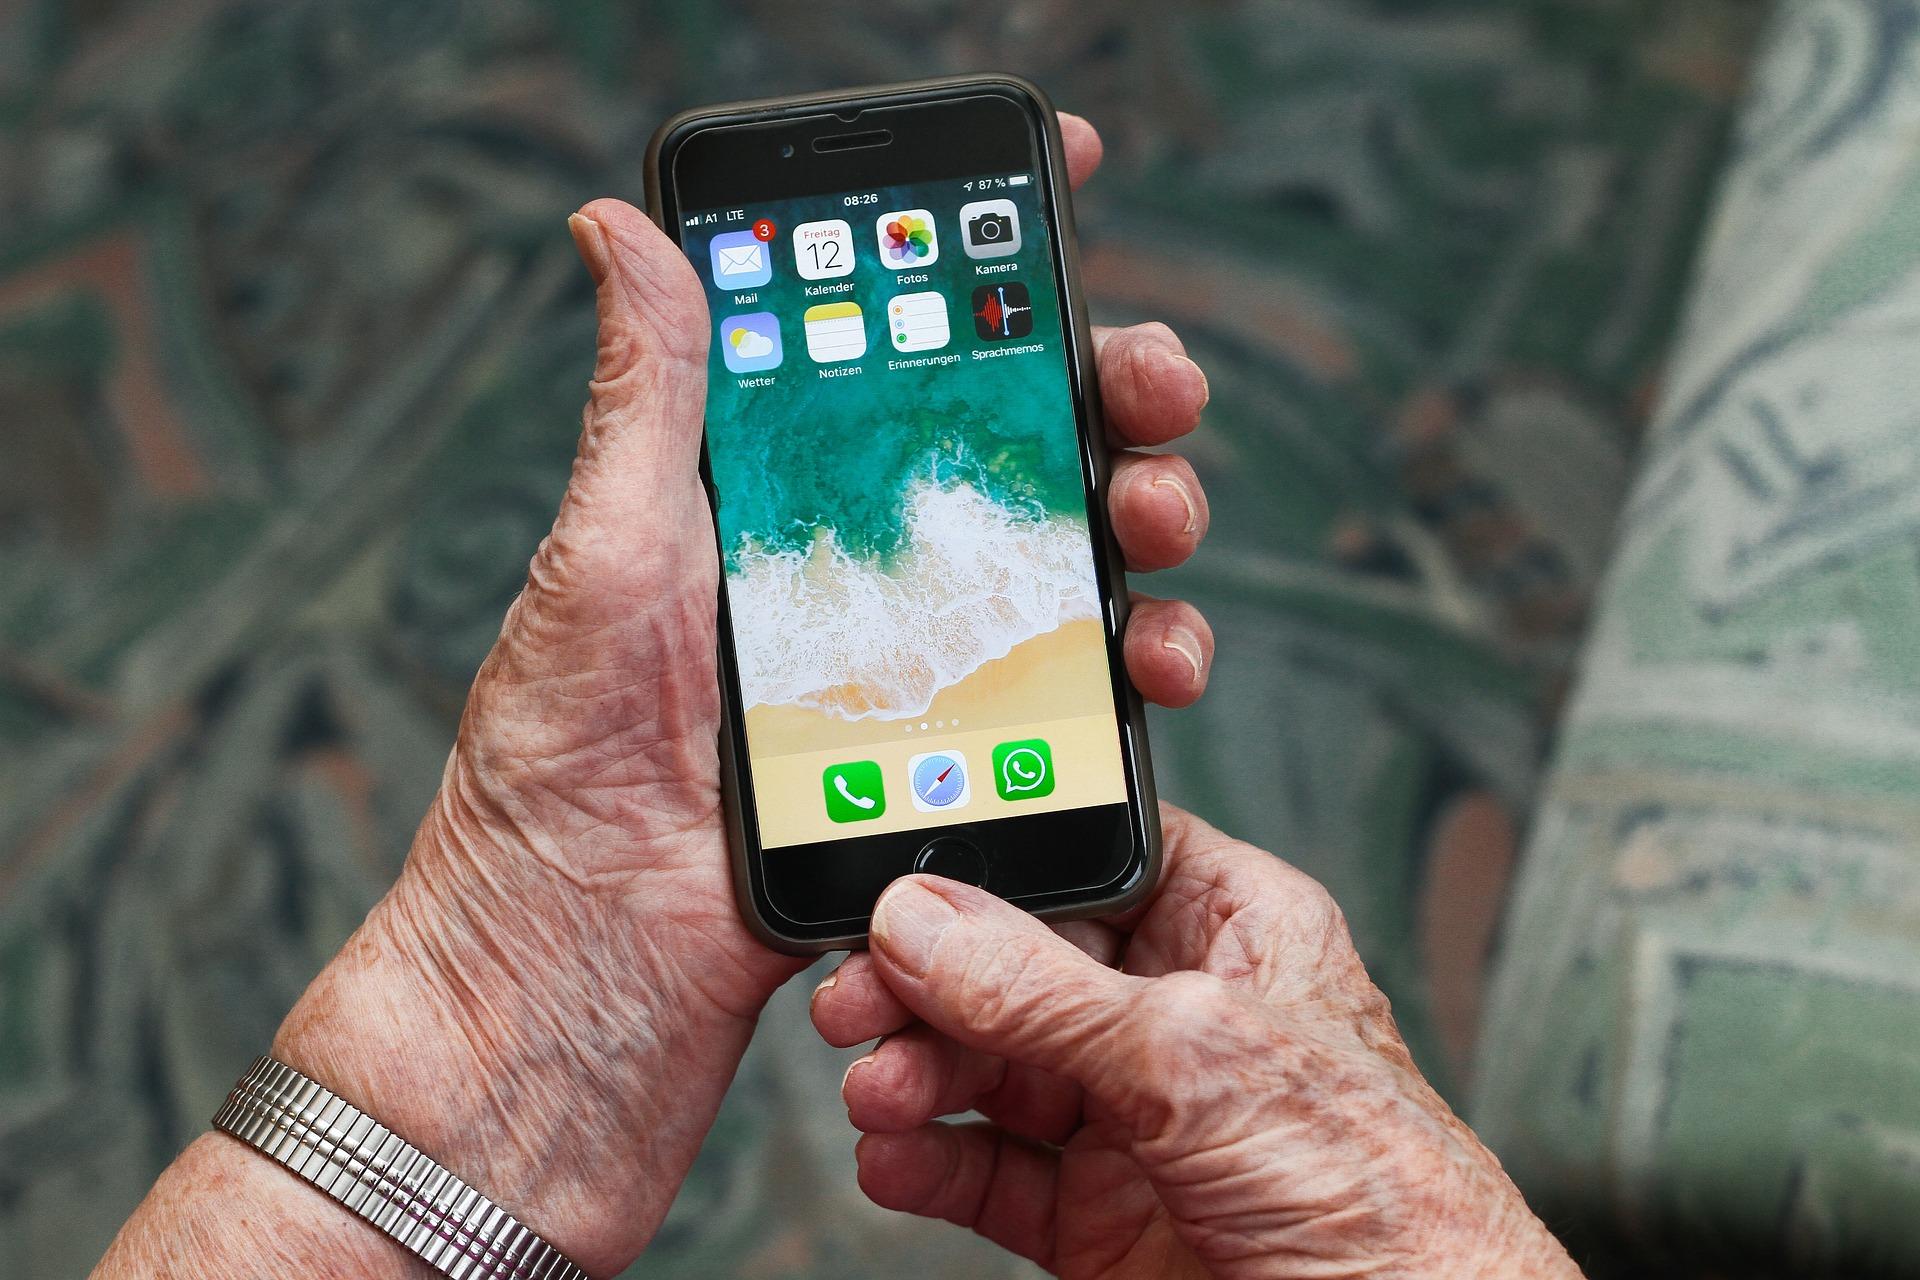 Möglichkeiten der Weiterbildung im Bereich  Digitalisierung auch für Senioren/rinnen schaffen